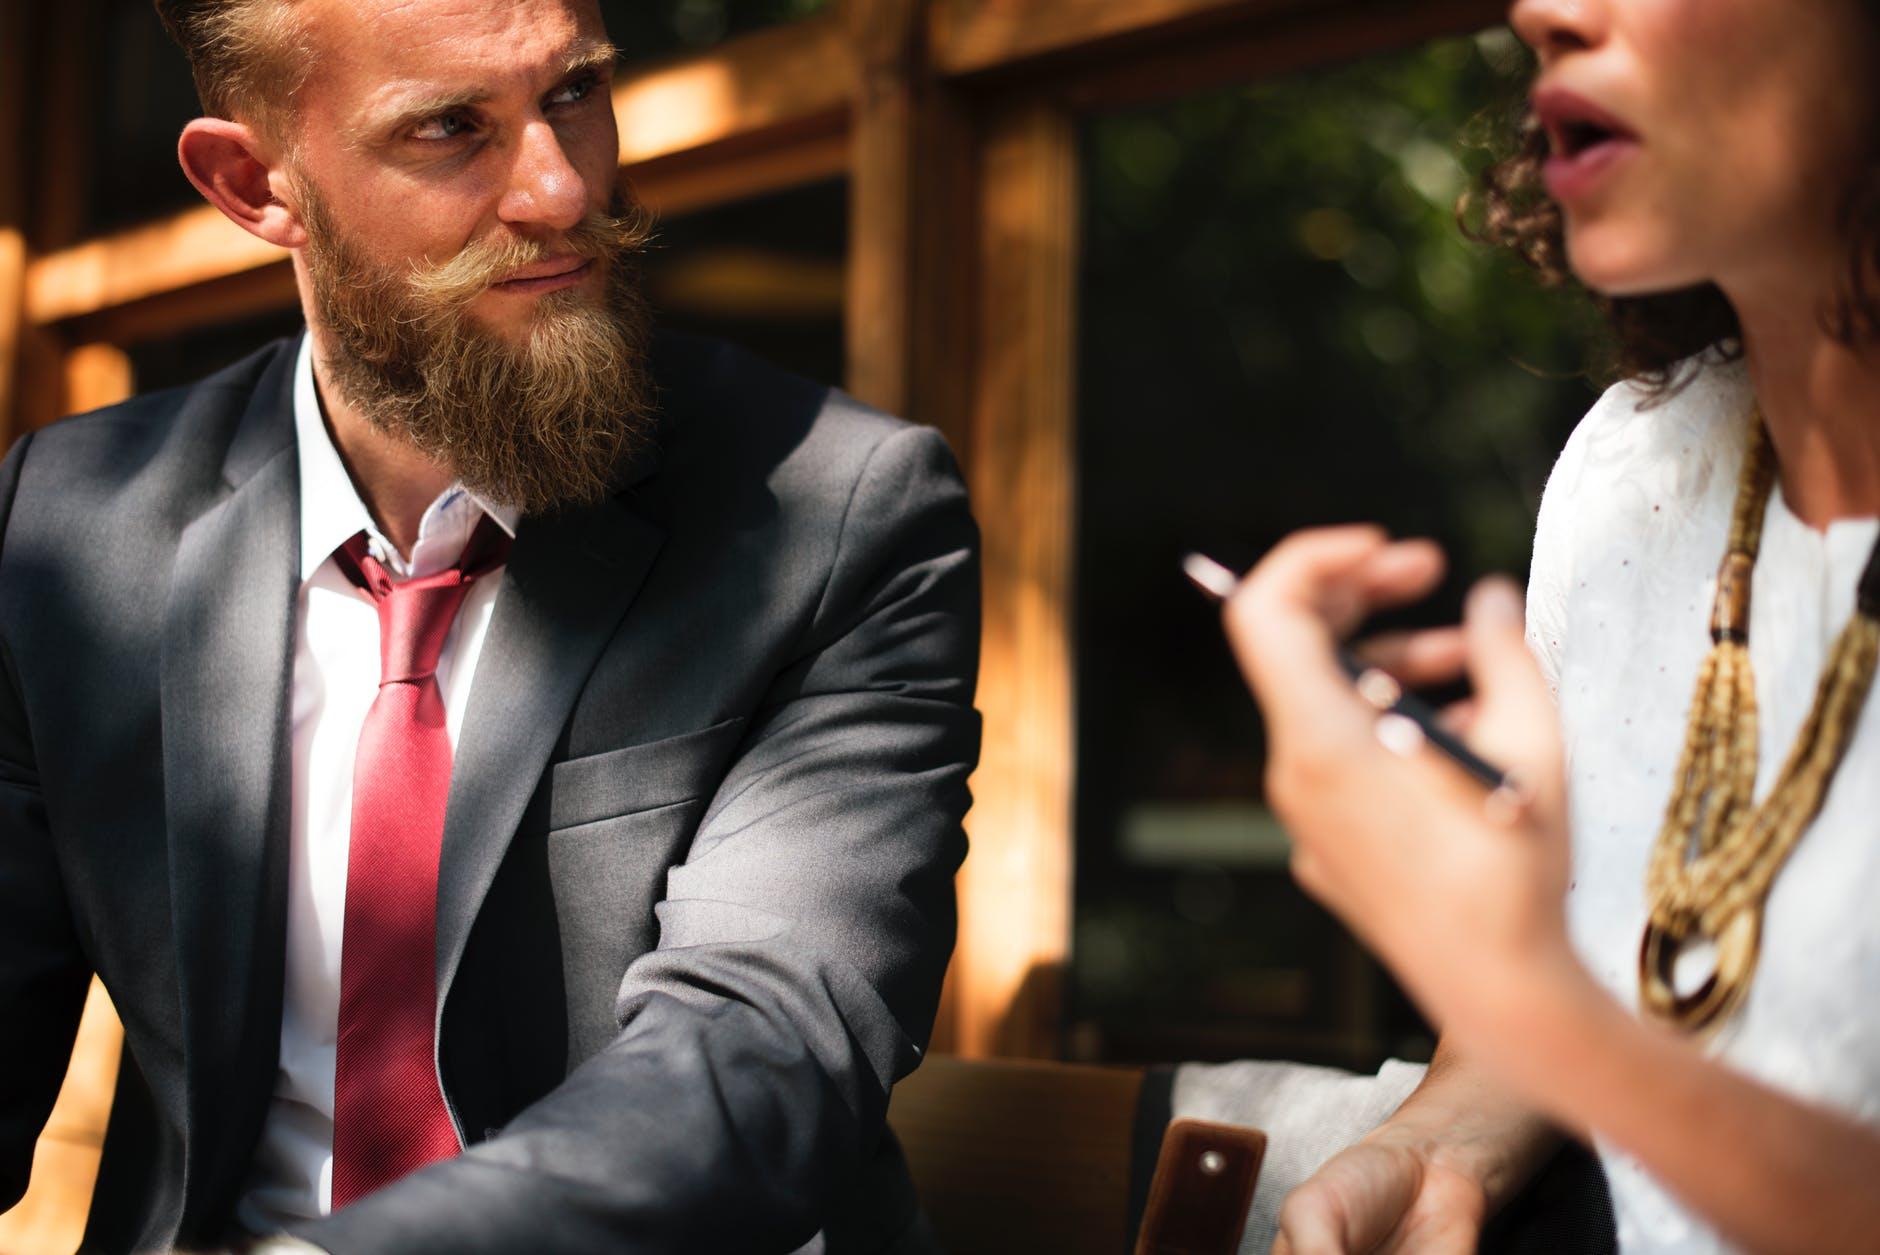 blur business close up conversation